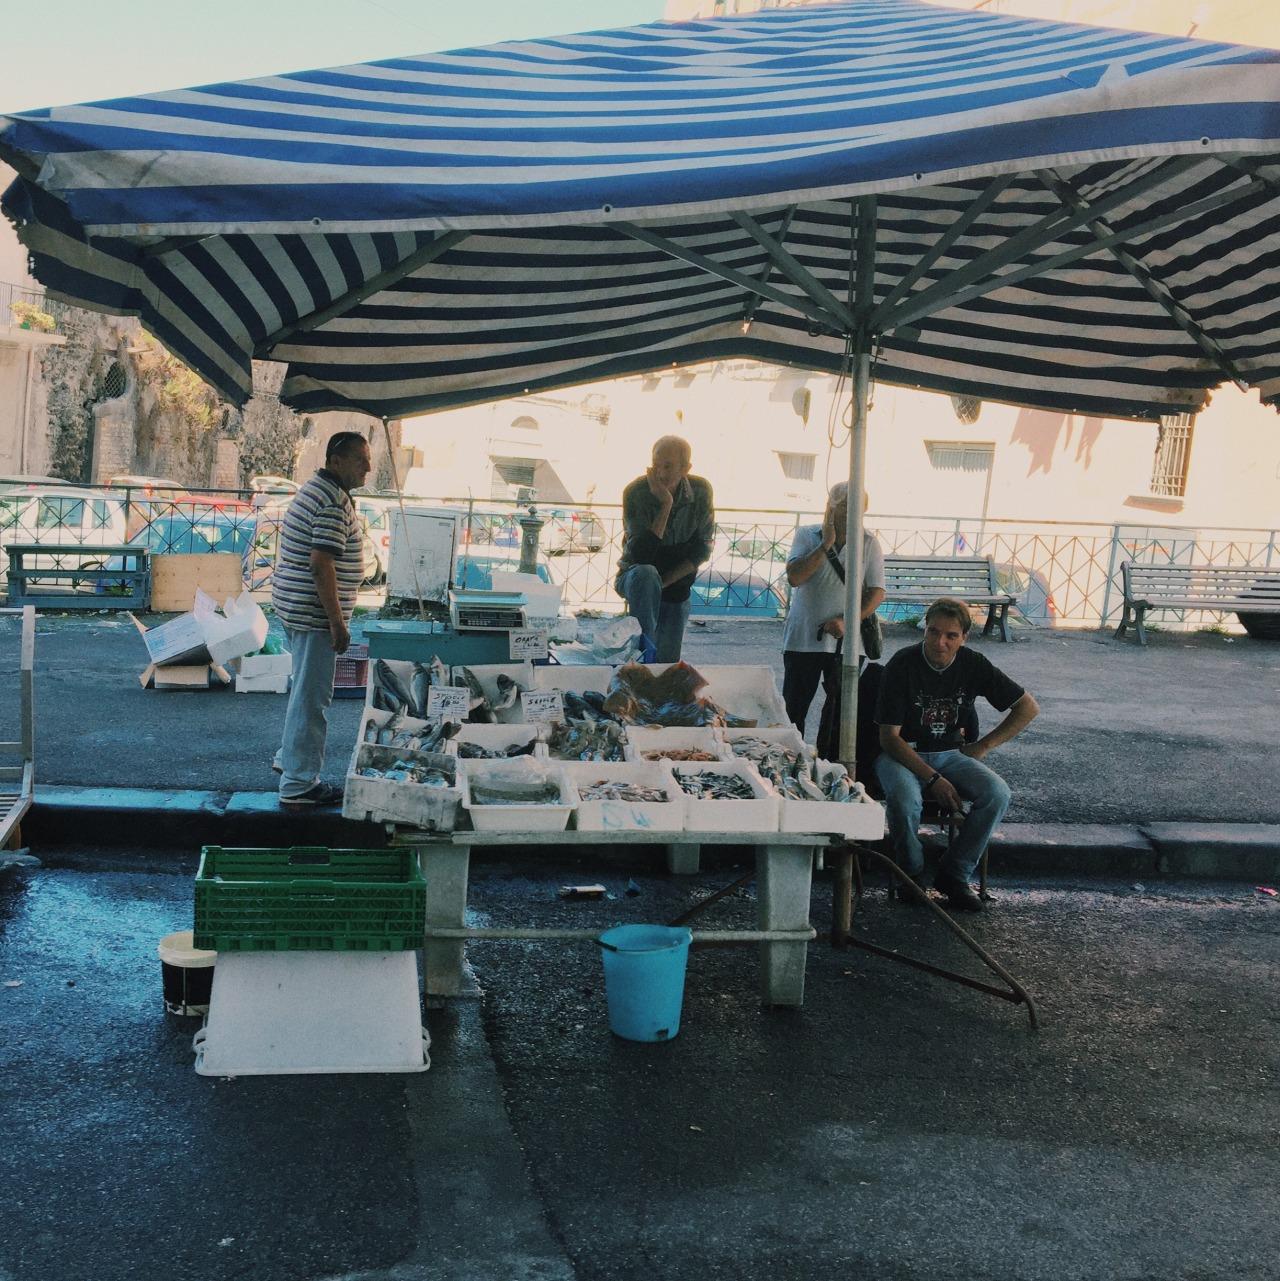 Day 14: Pompeii - Napoli - Rome